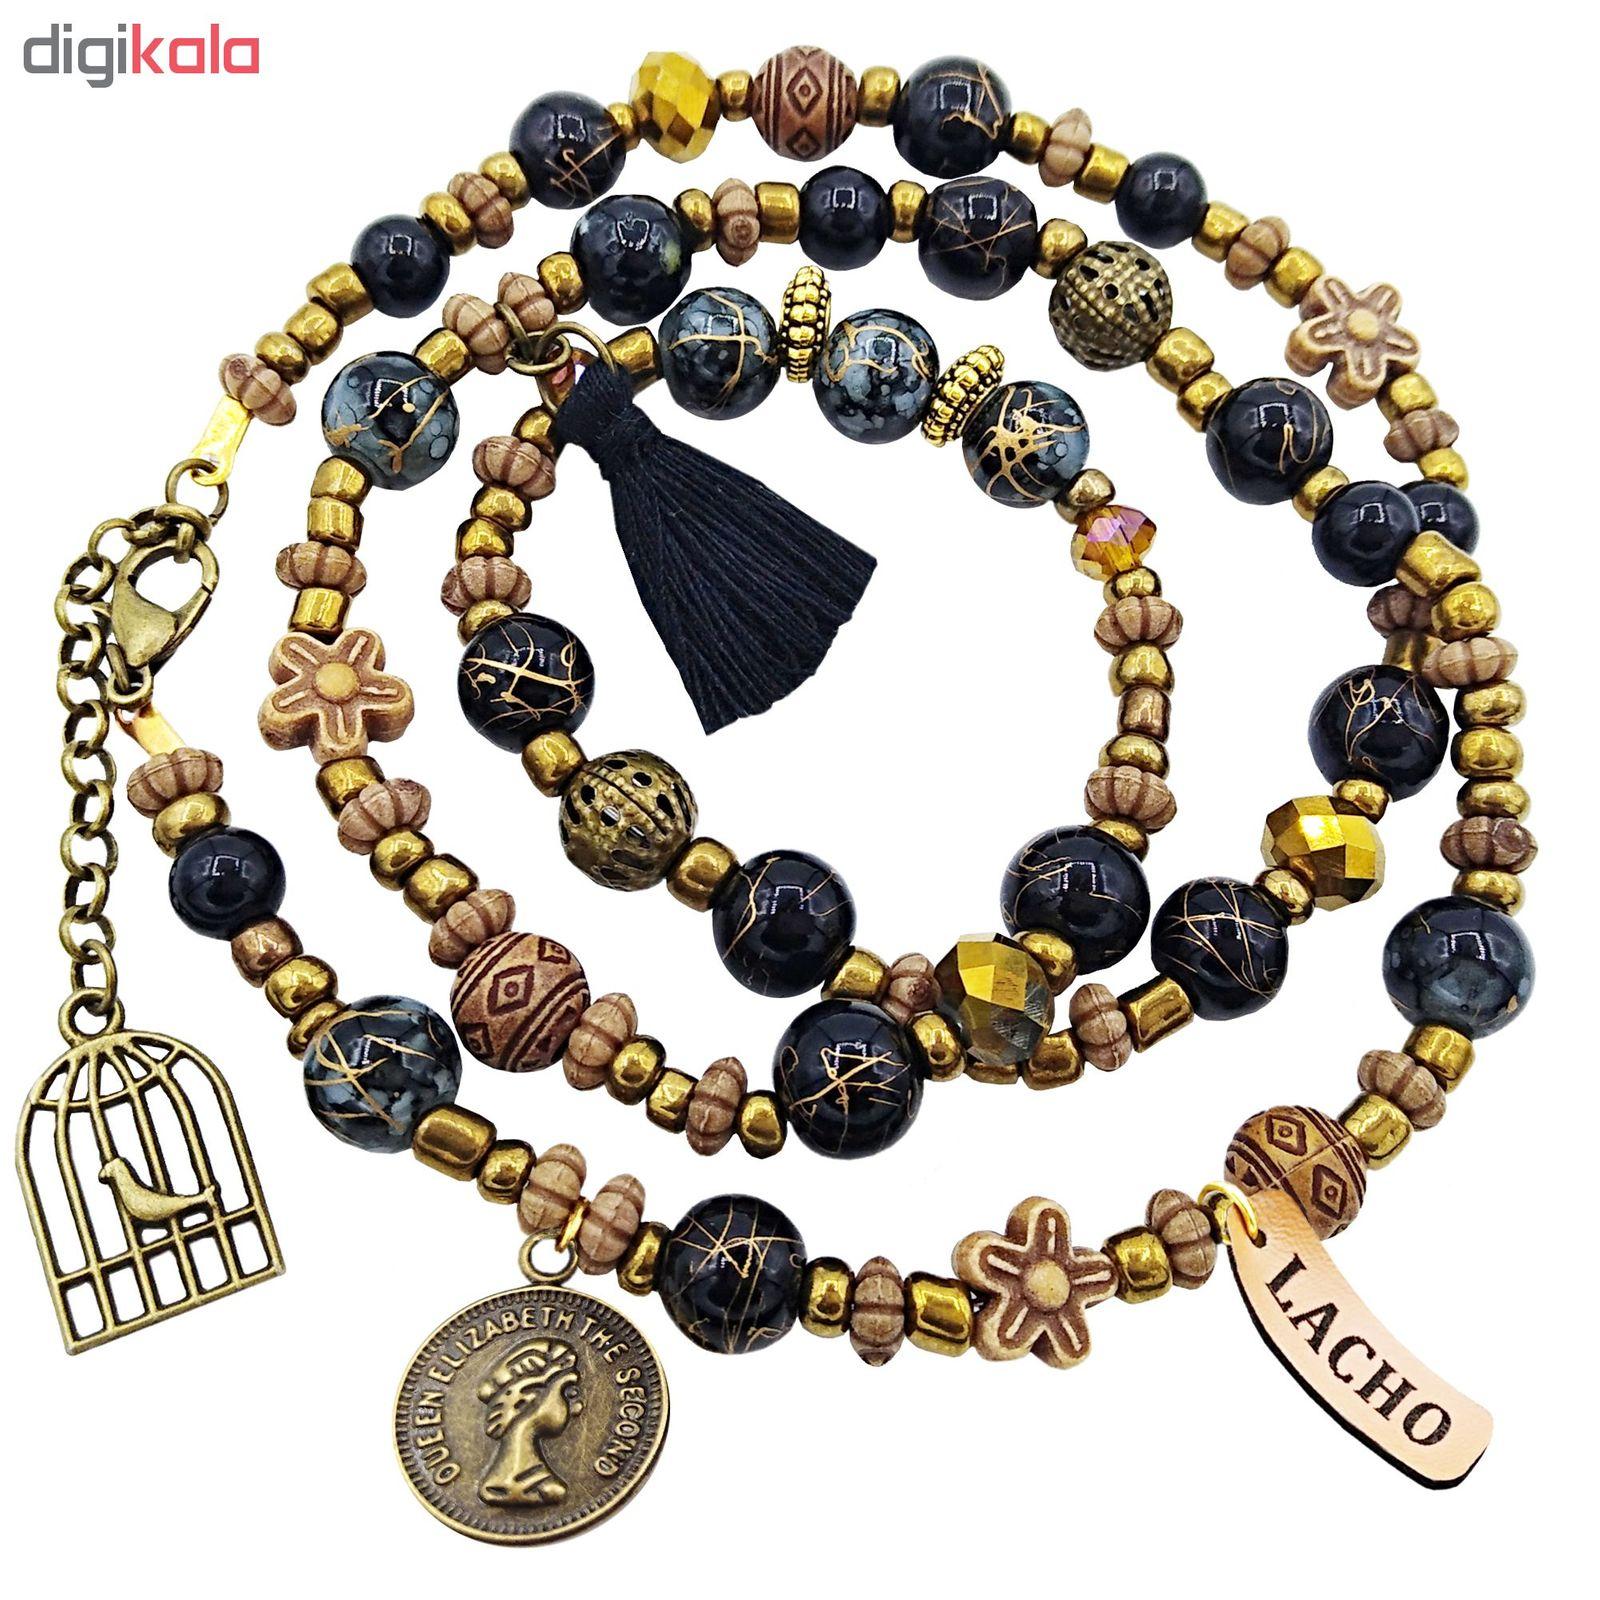 دستبند زنانه لاچو طرح سکه و قفس کد SO-B thumb 2 1